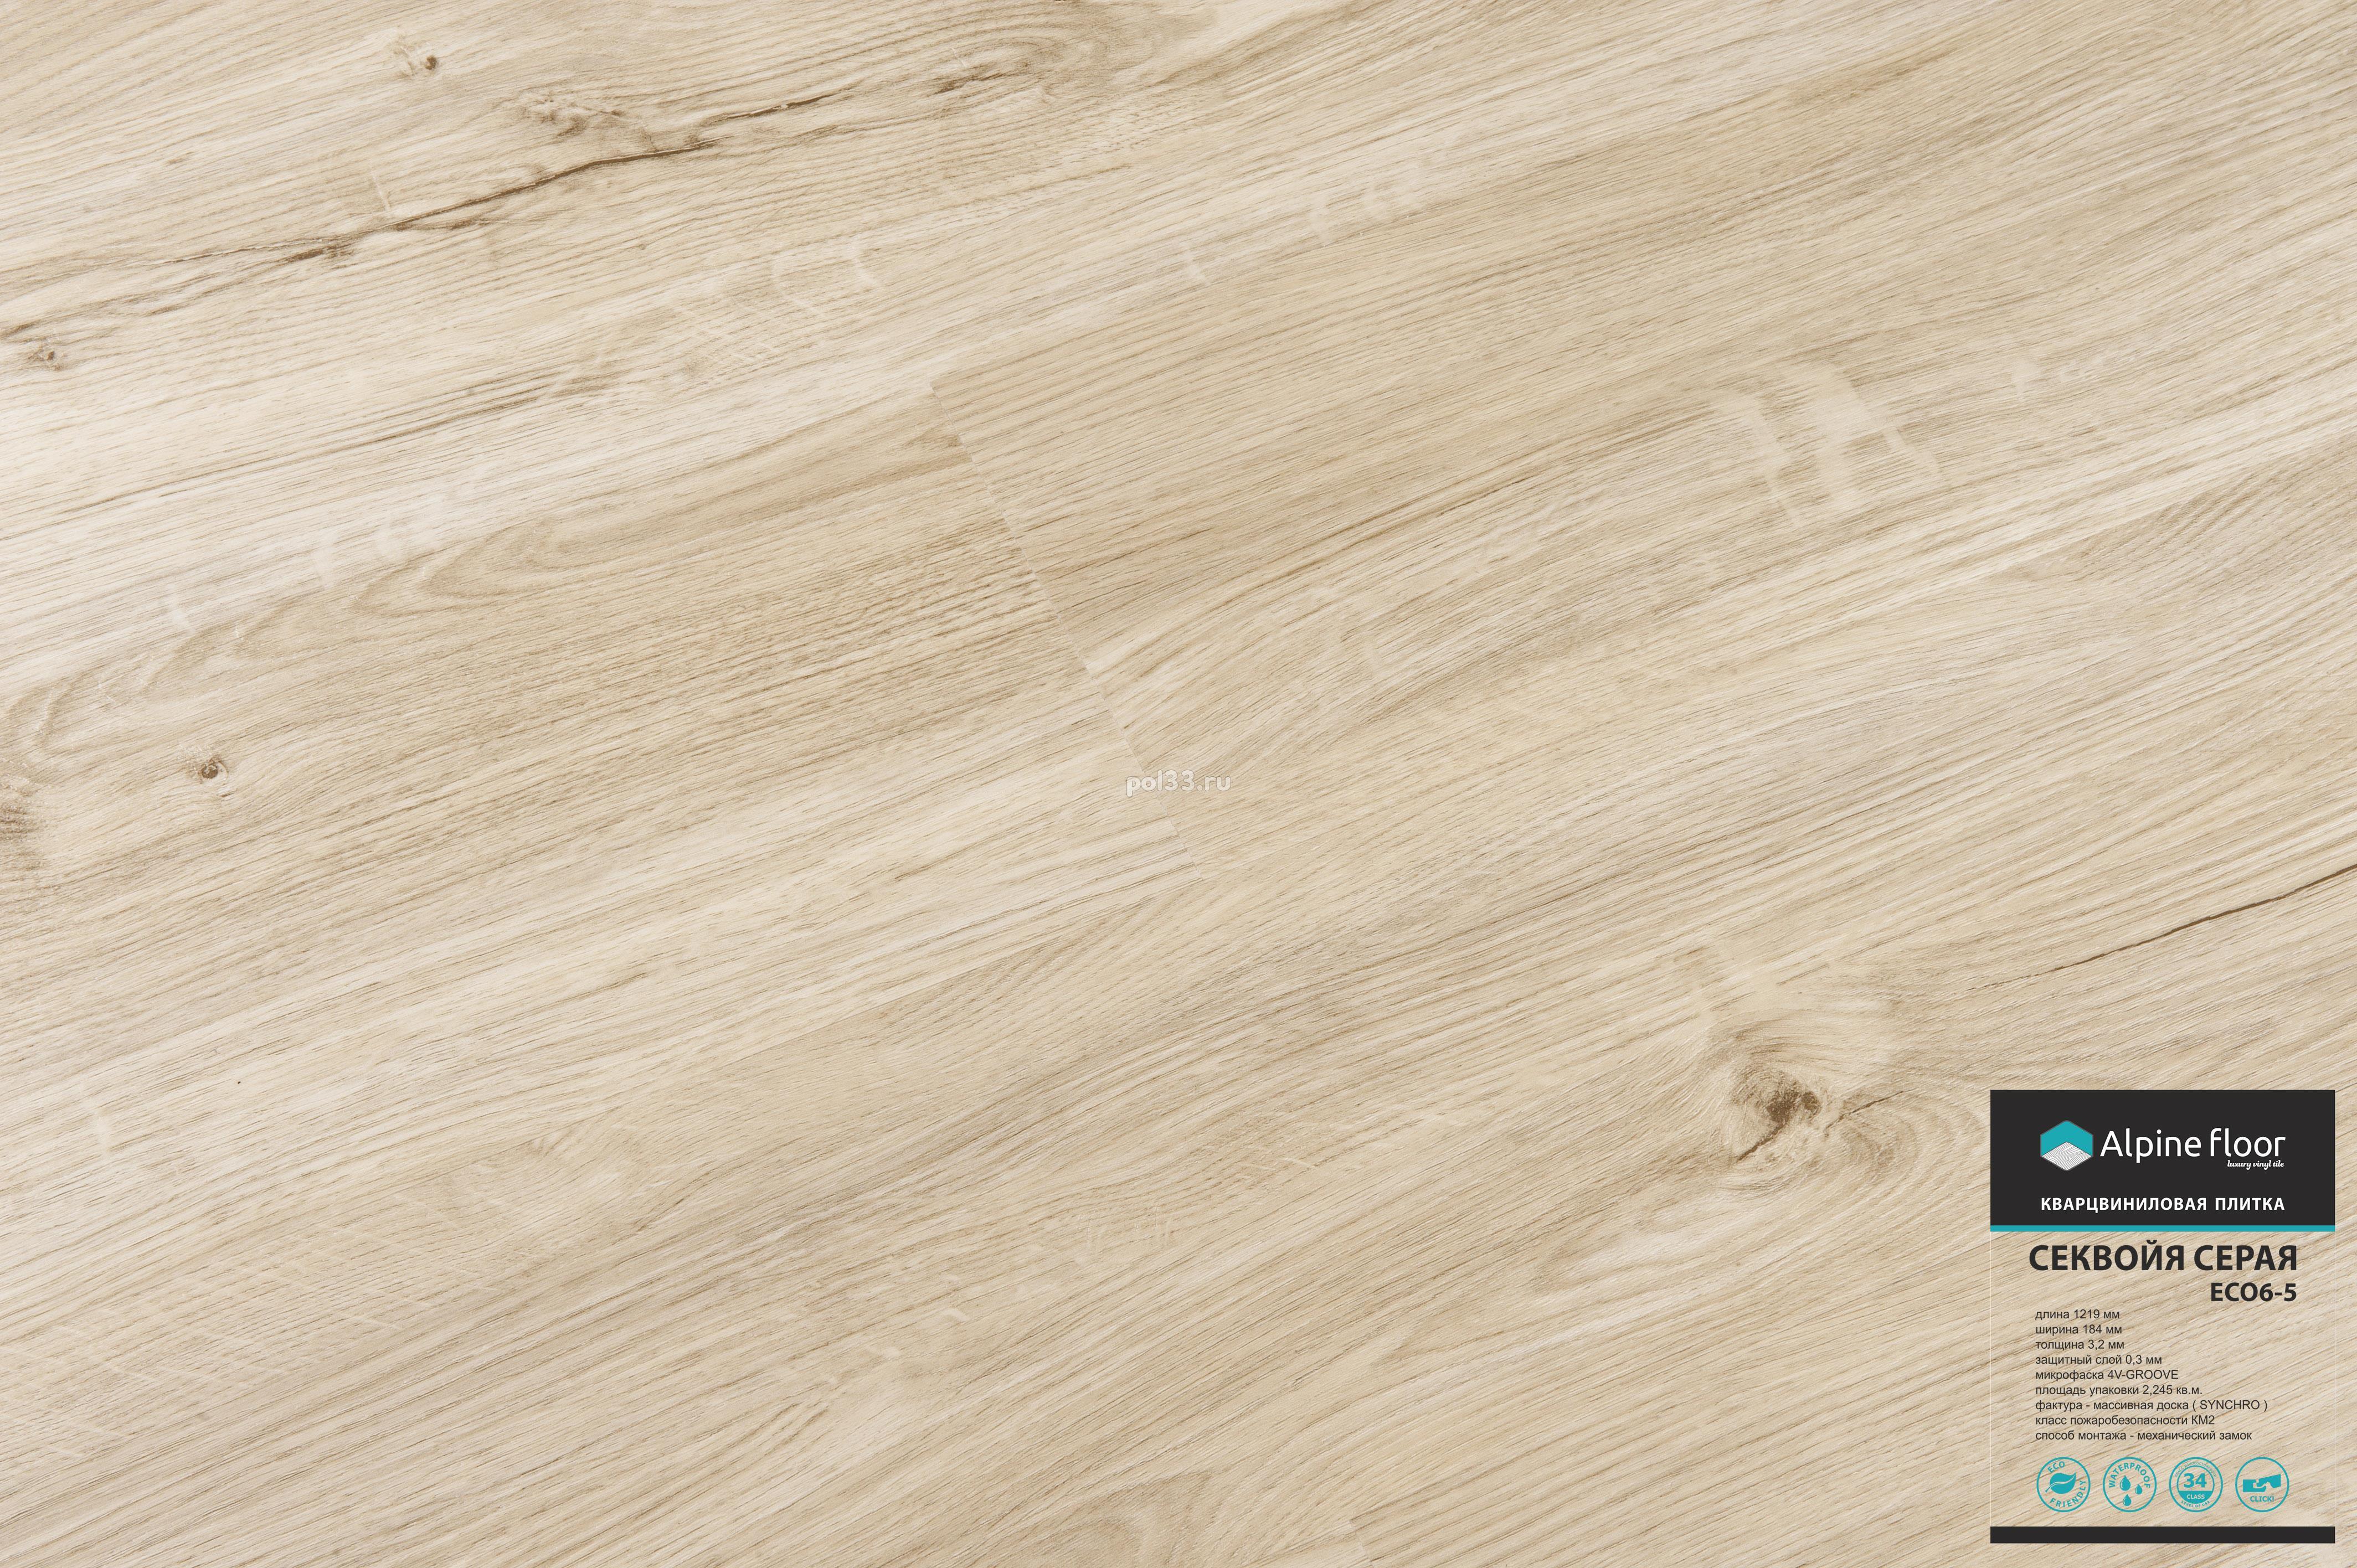 Виниловые полы AlpineFloor коллекция Sequoia ECO6-5 Grey купить в Калуге по низкой цене